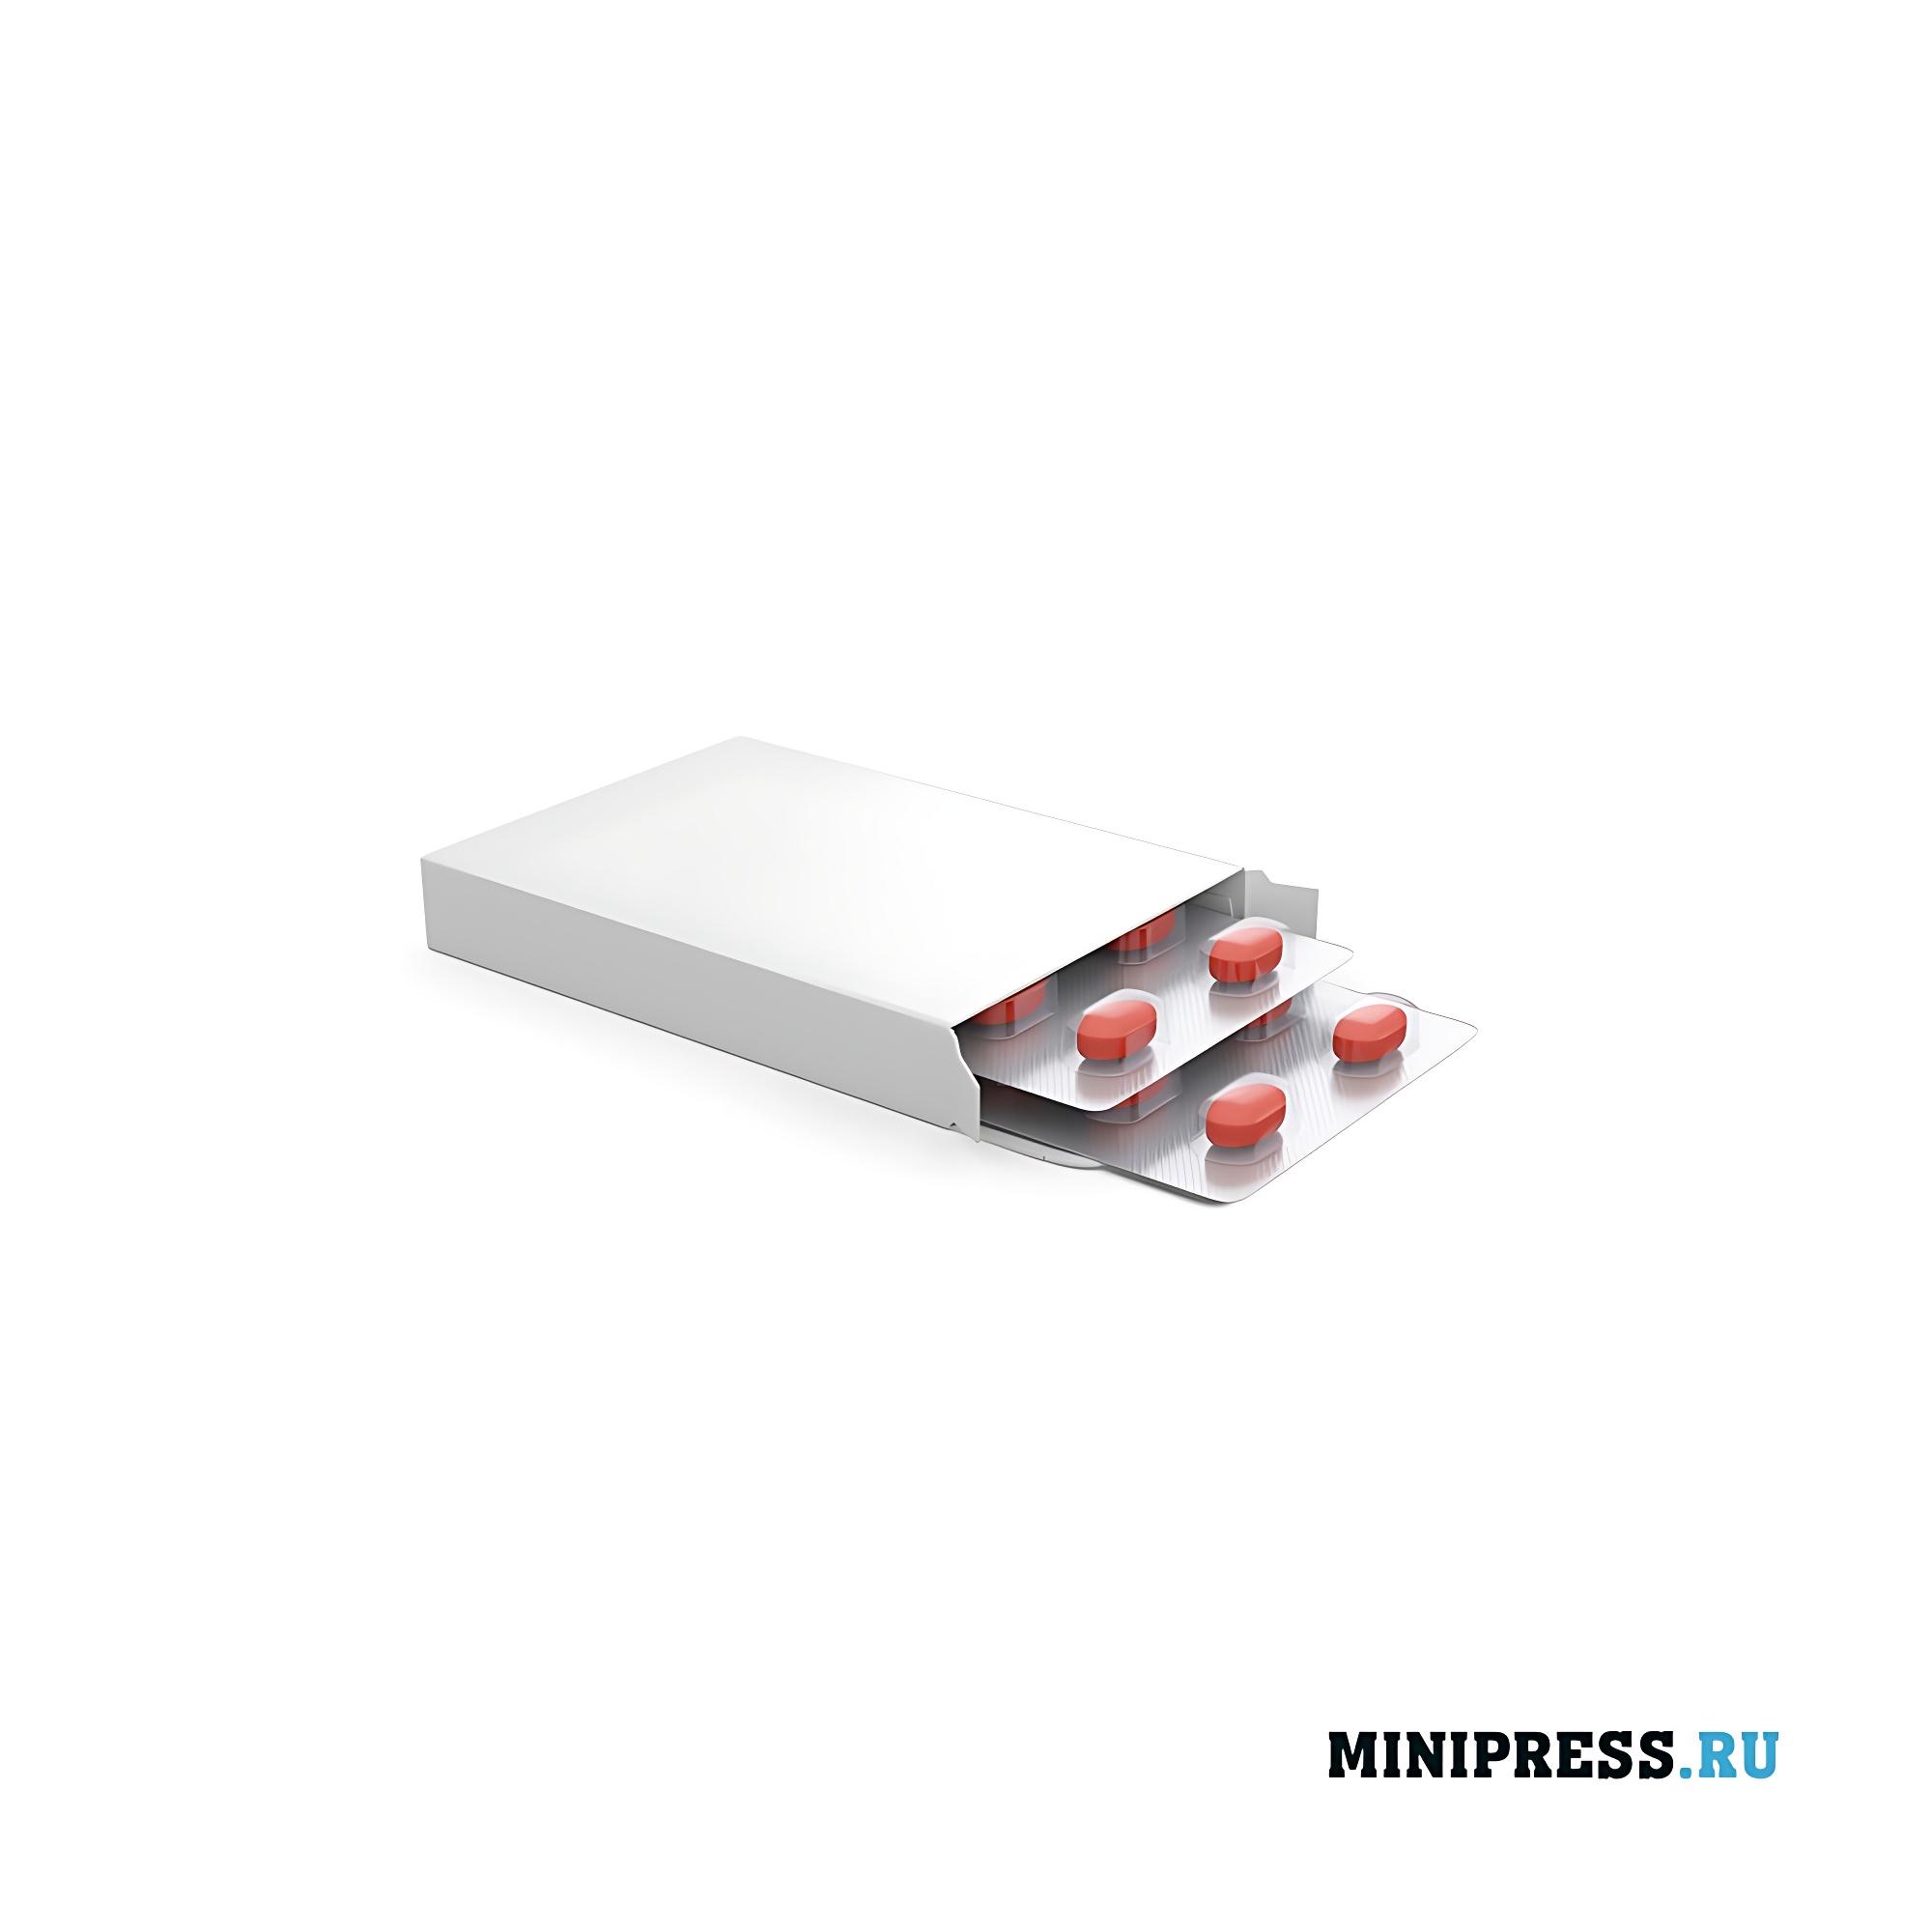 Блистерная упаковка в картонной коробке